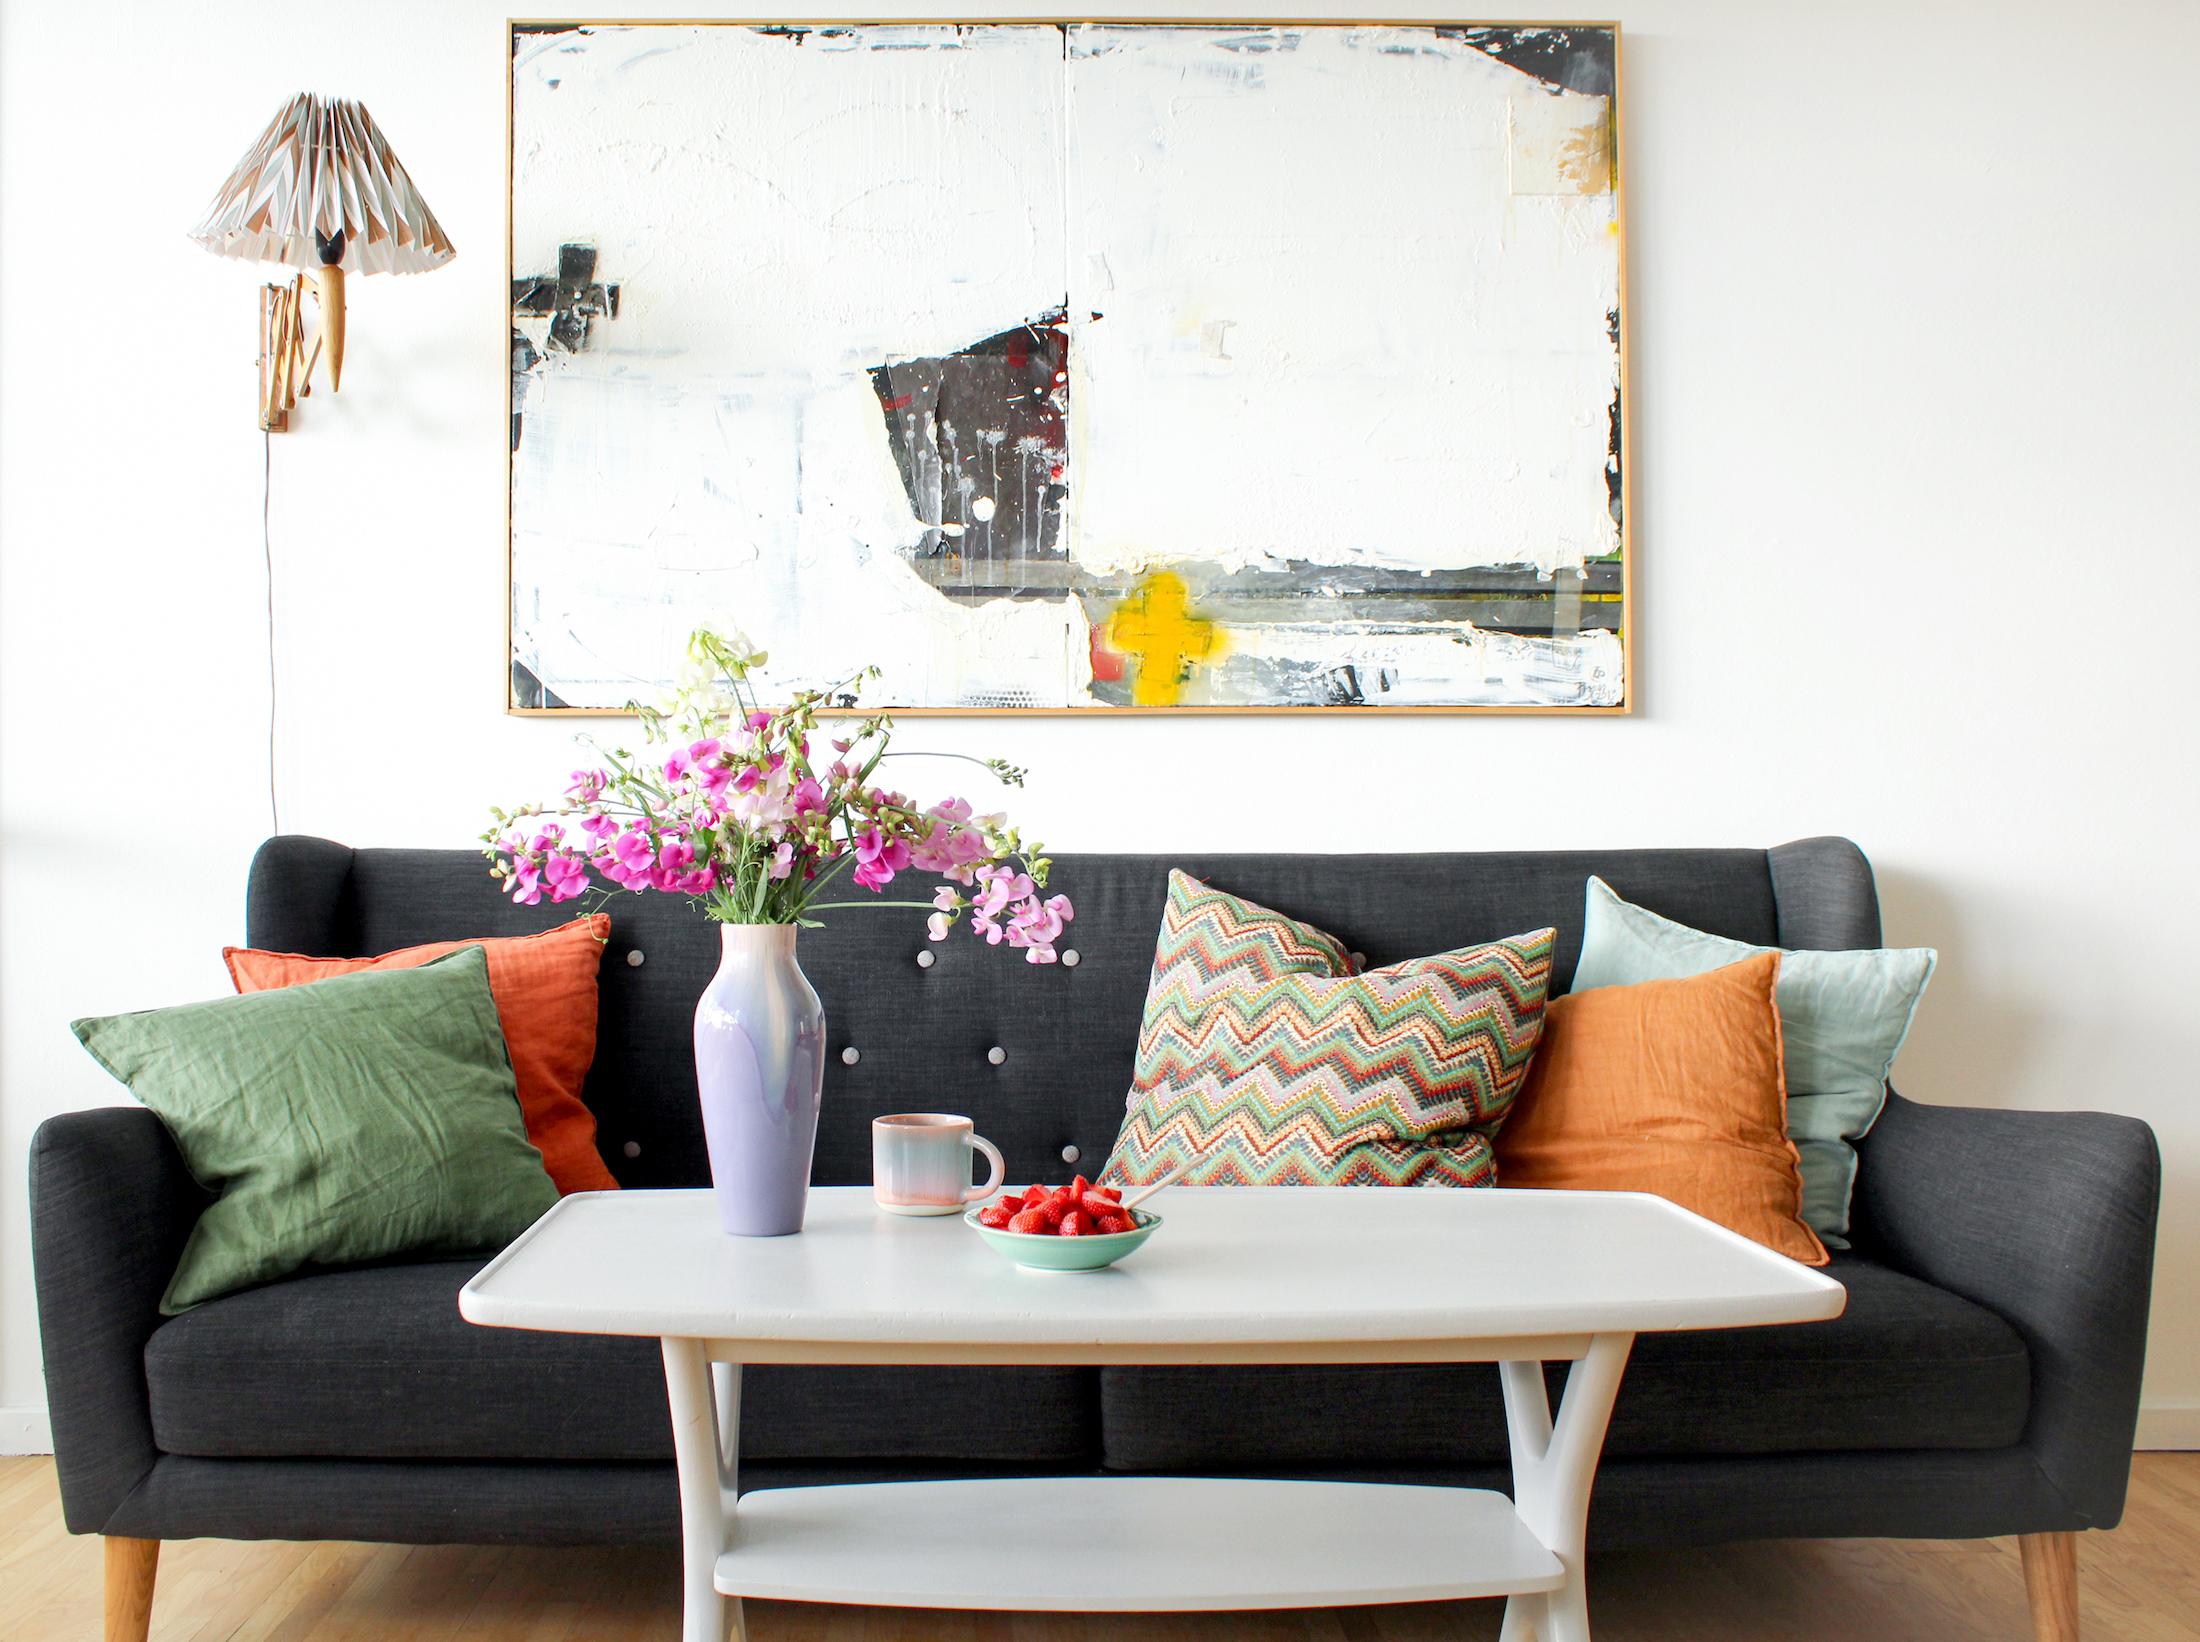 living room interior boligindretning